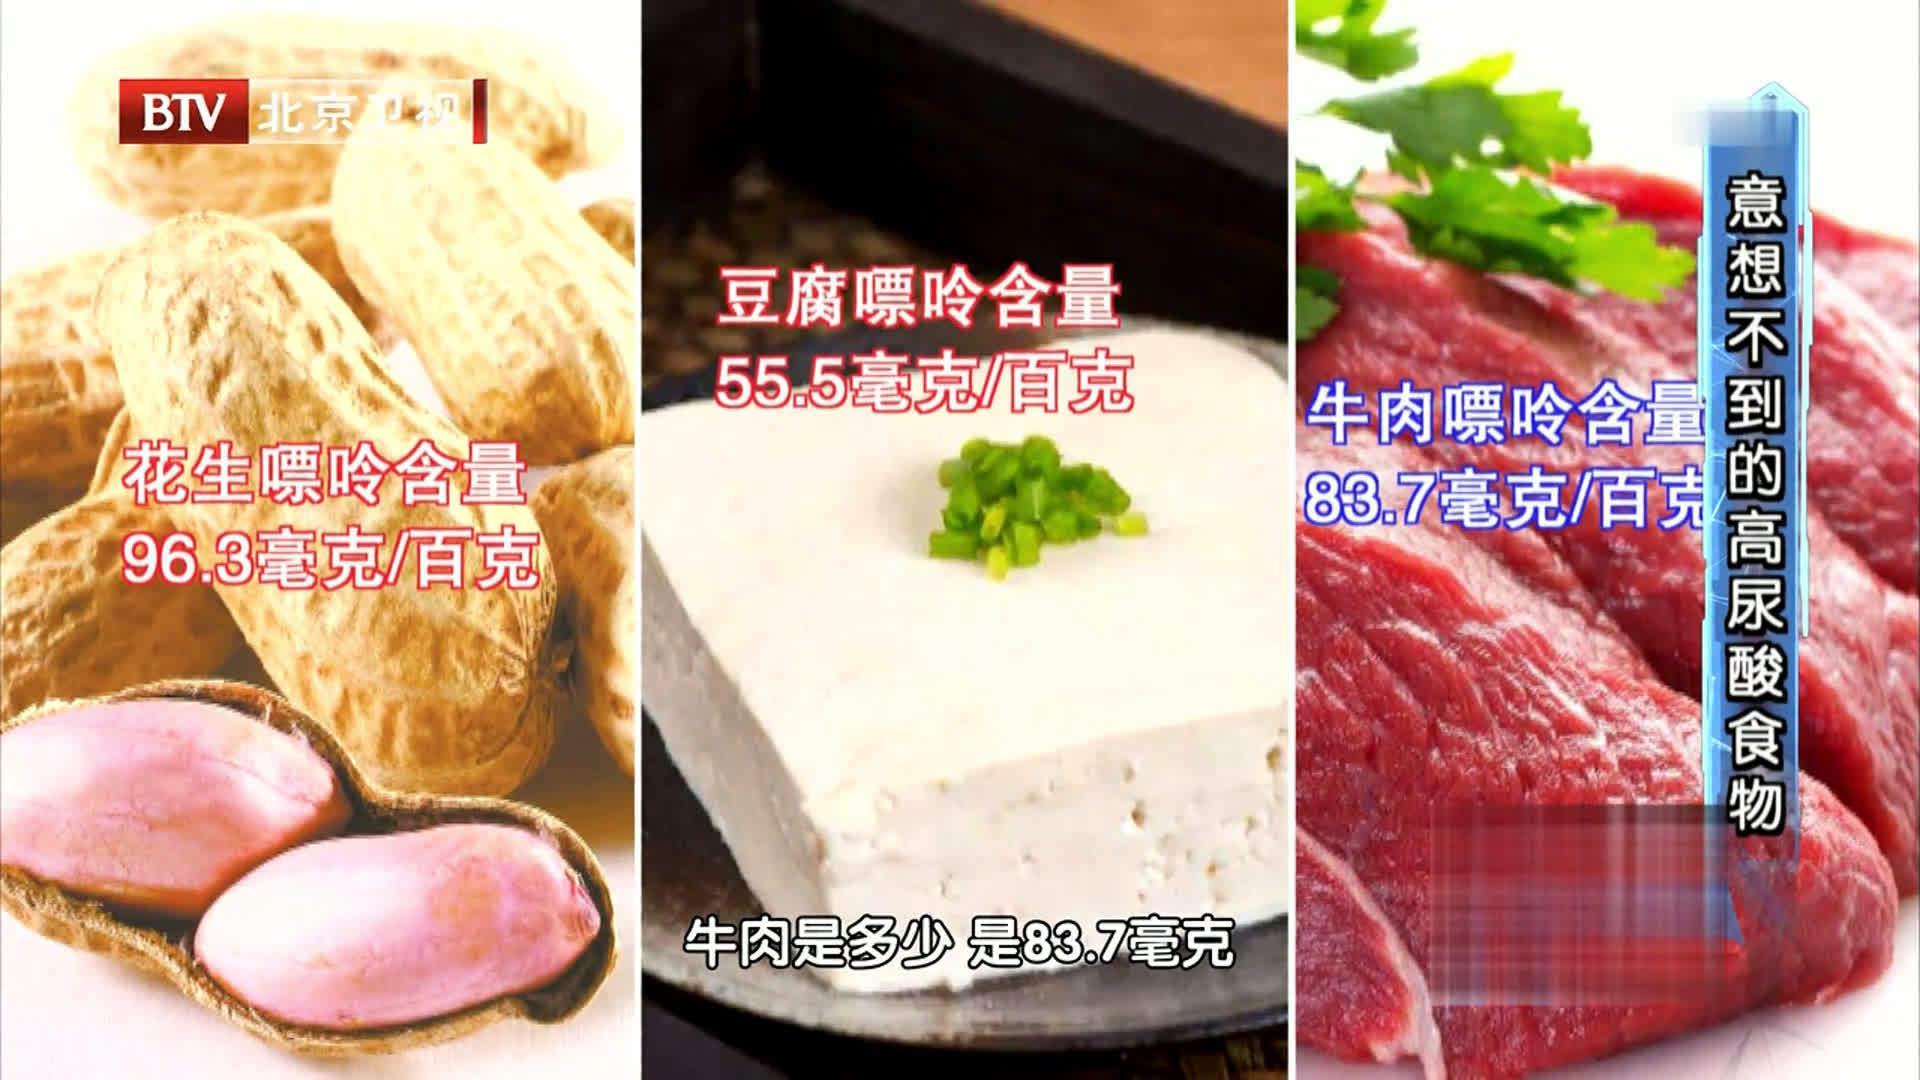 花生、芦笋等食物嘌呤含量过高,肾脏不好的人慎食!